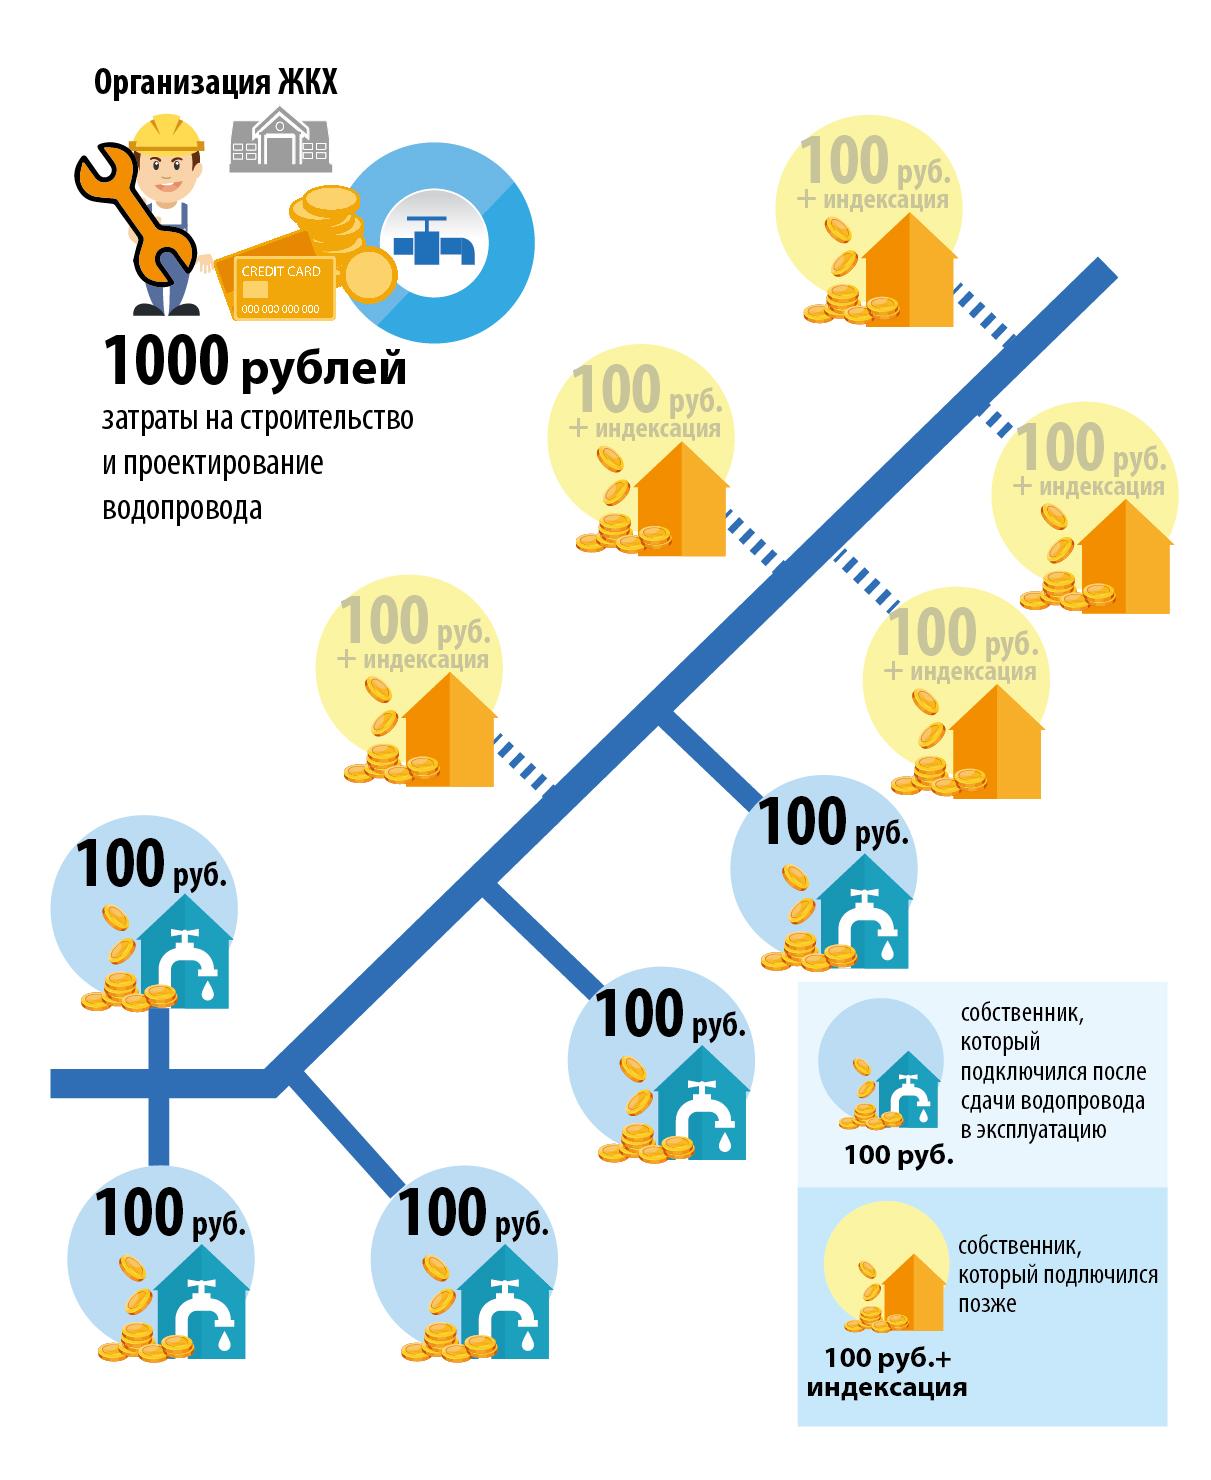 строительство водопровода и водоотведения, схема 003